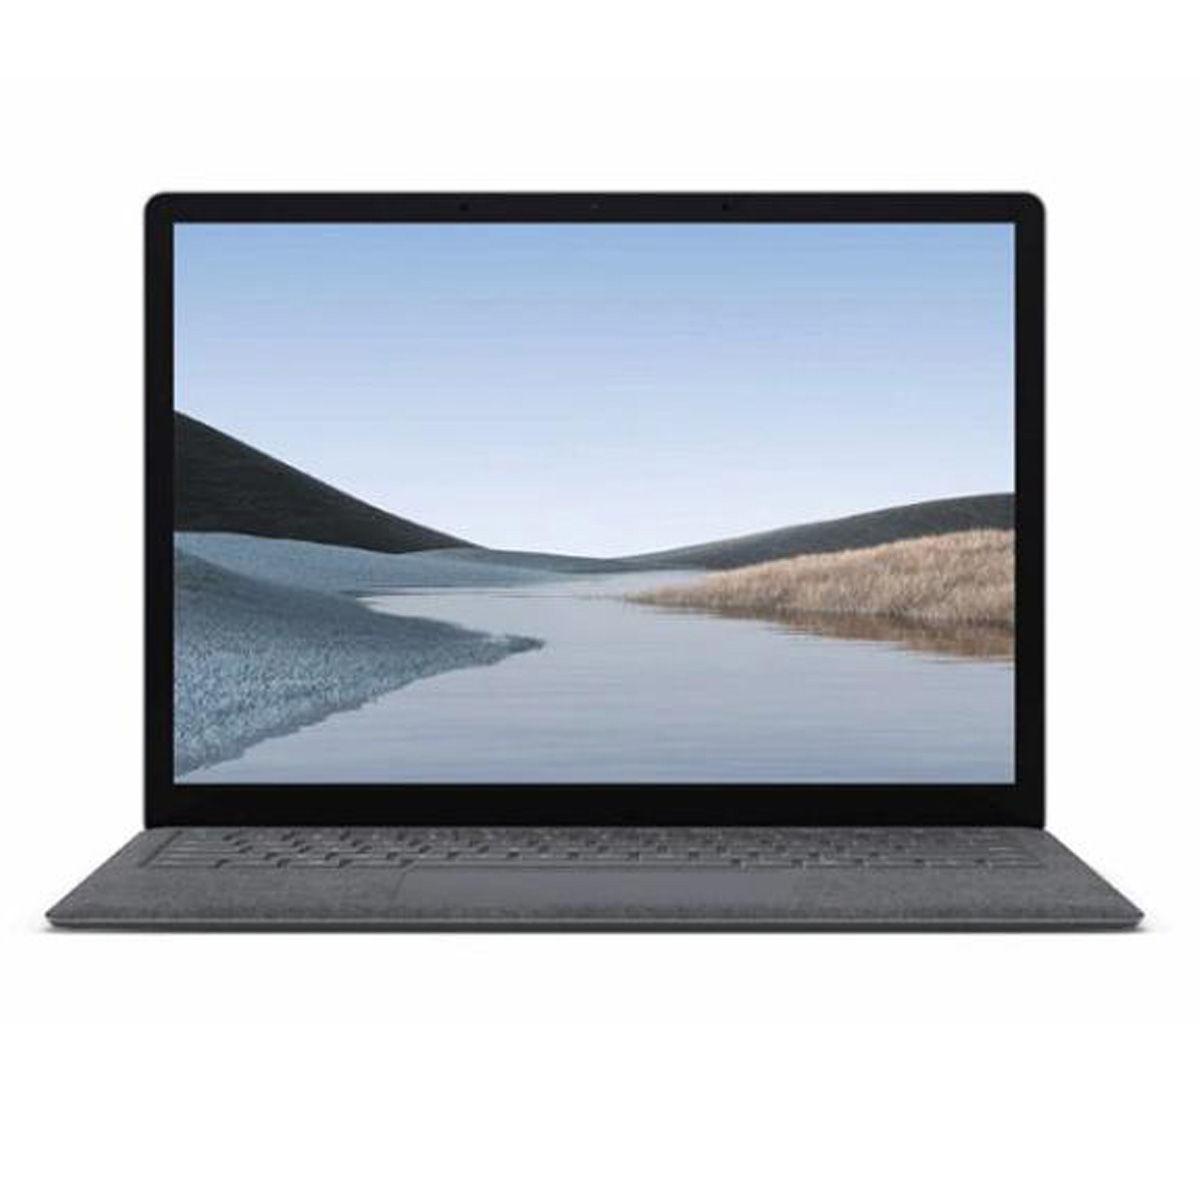 مائیکروسافٹ Surface لیپ ٹاپ 3